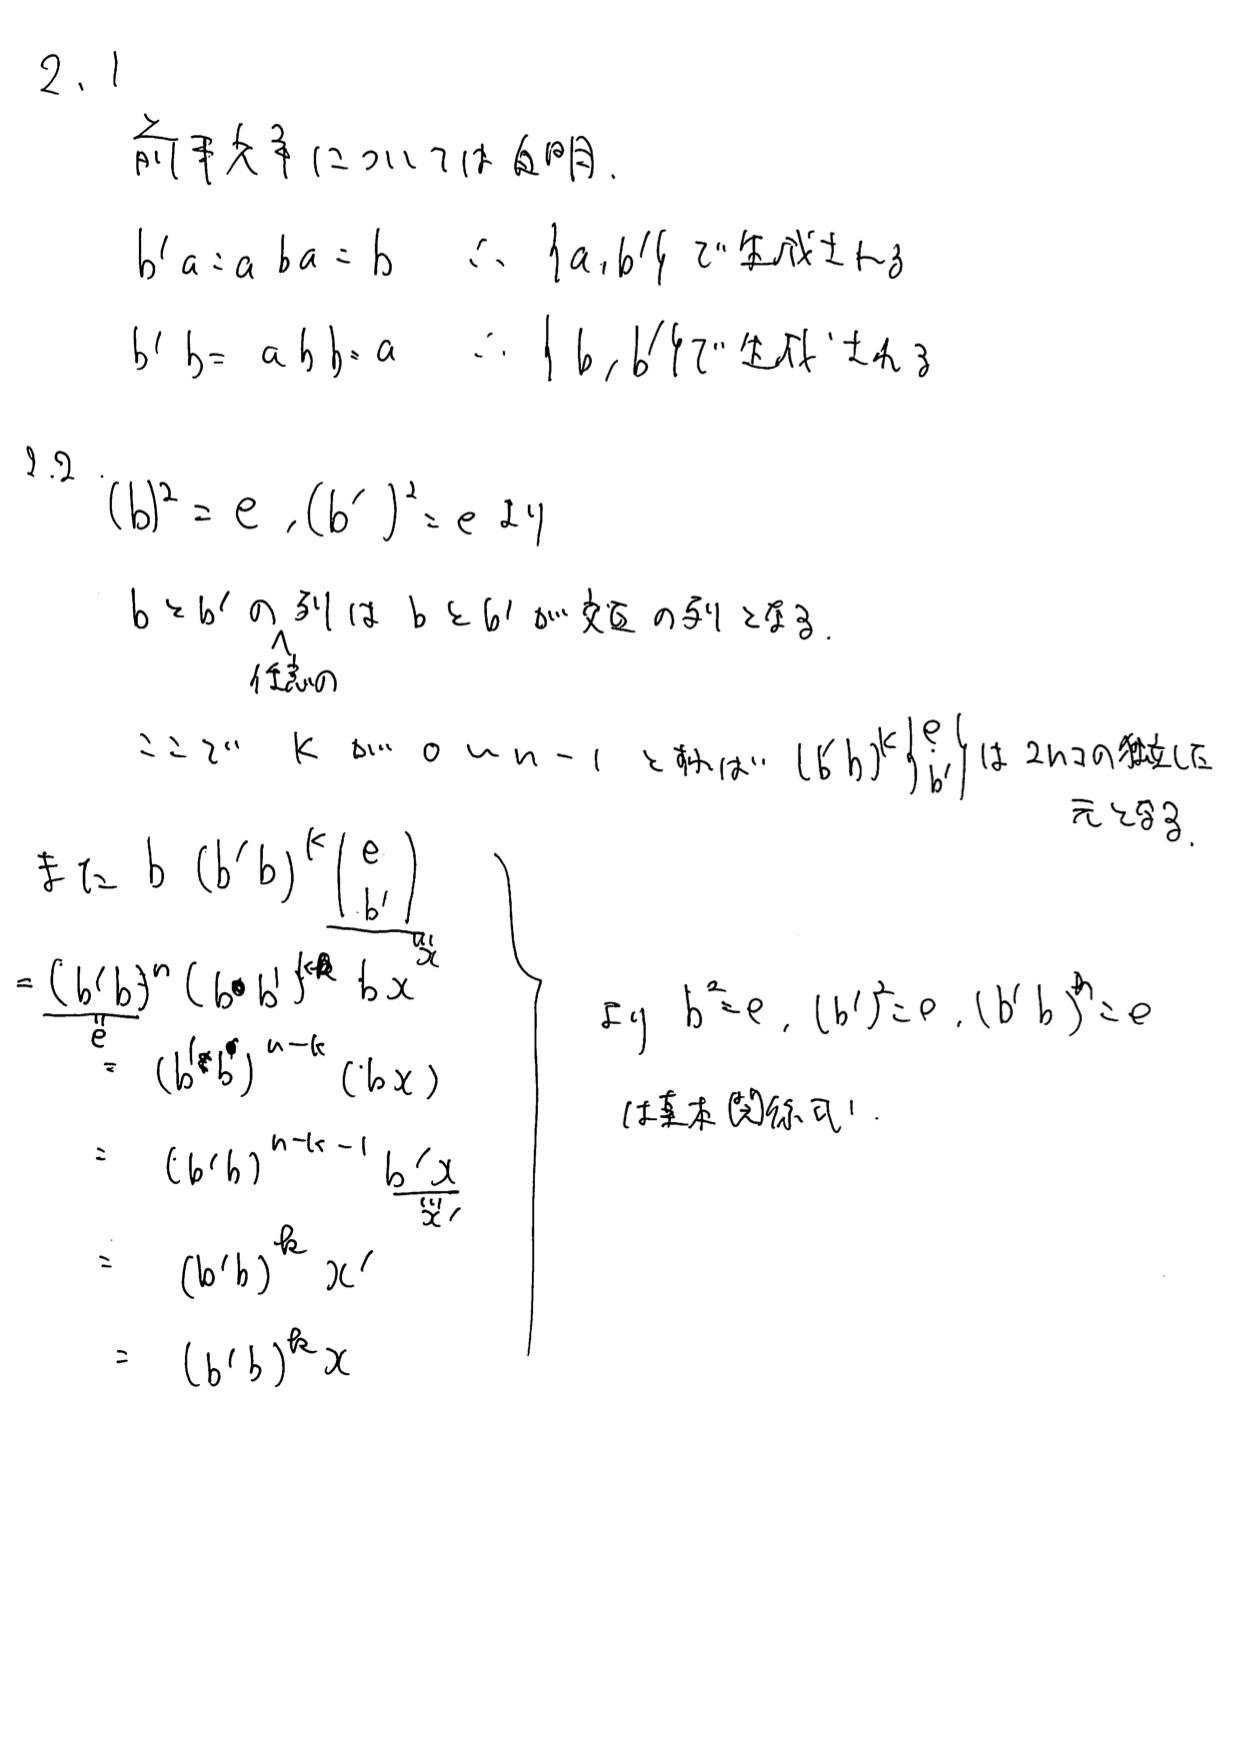 2_1-2.jpg